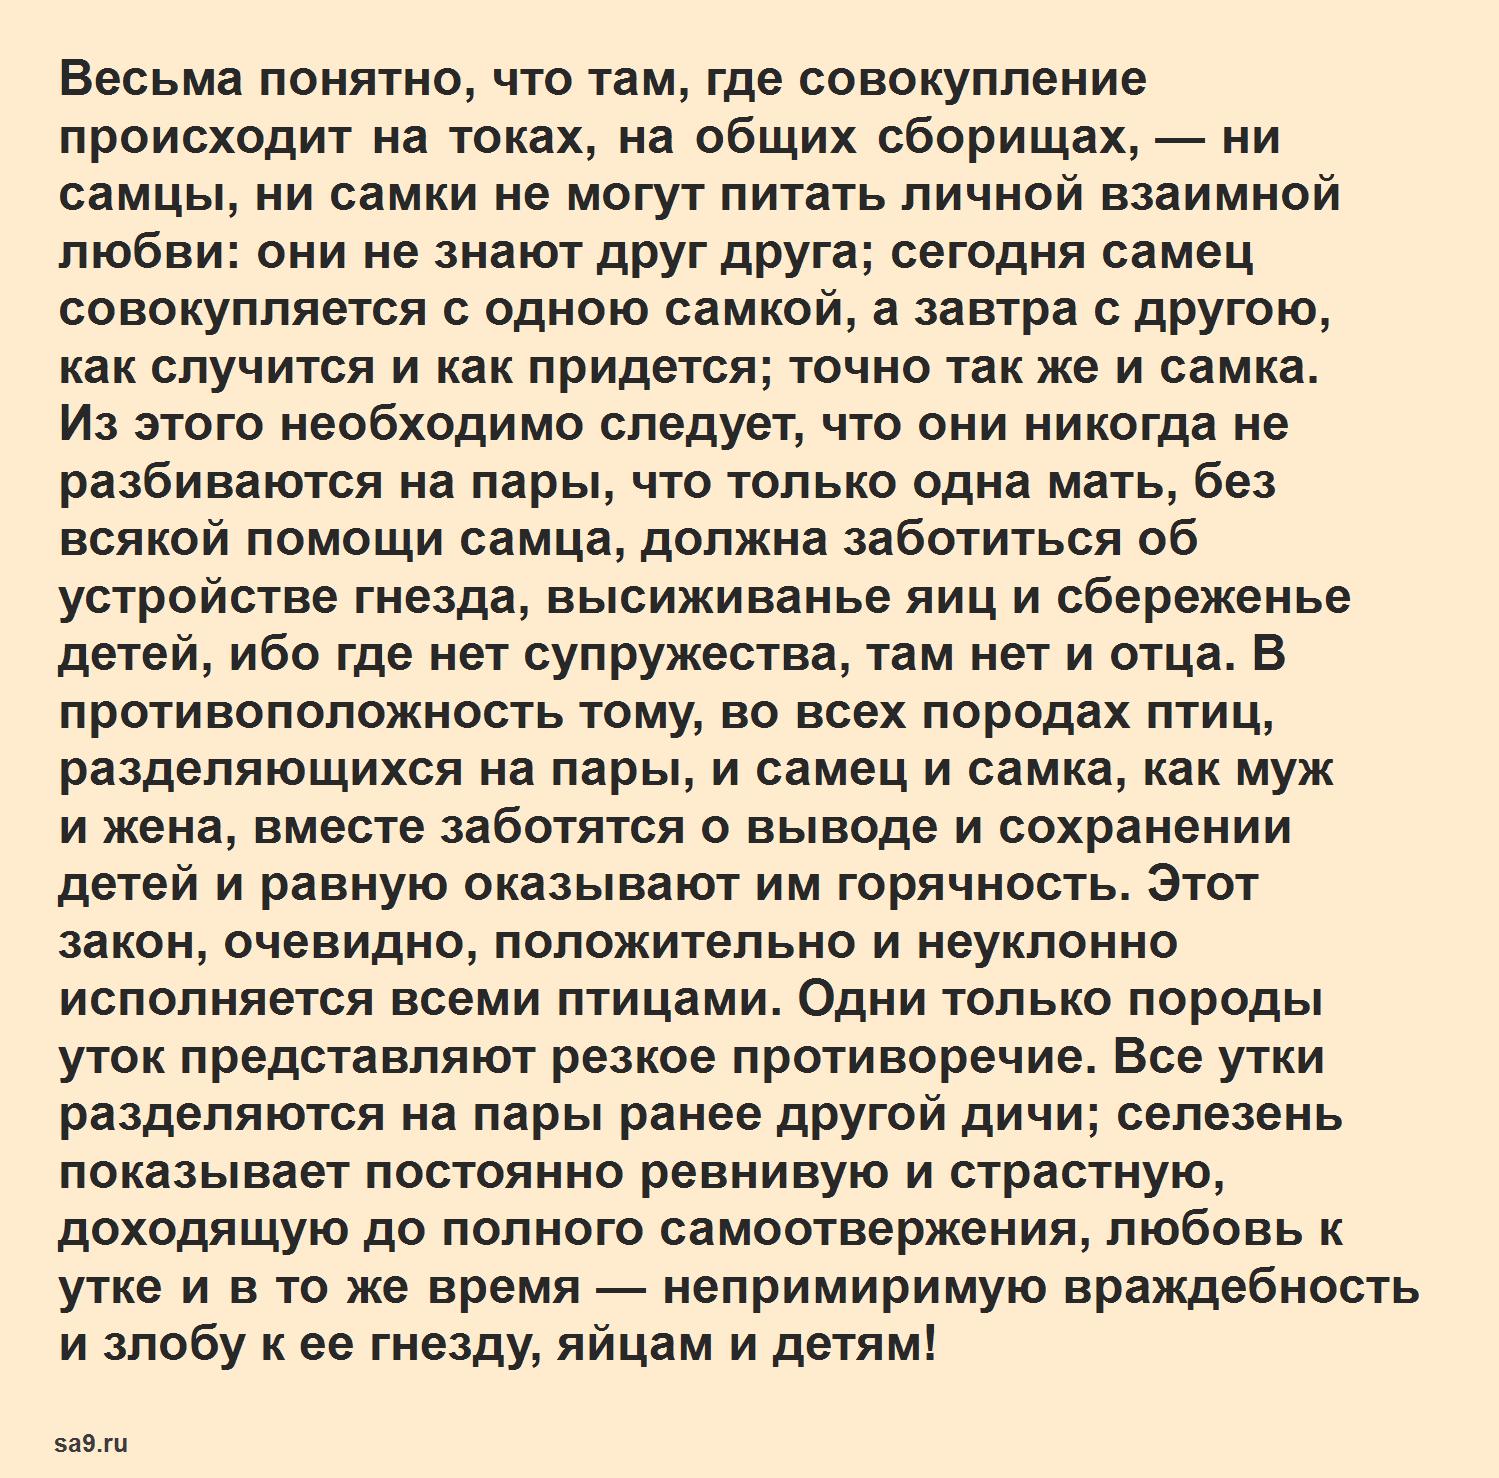 Читать интересный рассказ - Утки, Аксаков